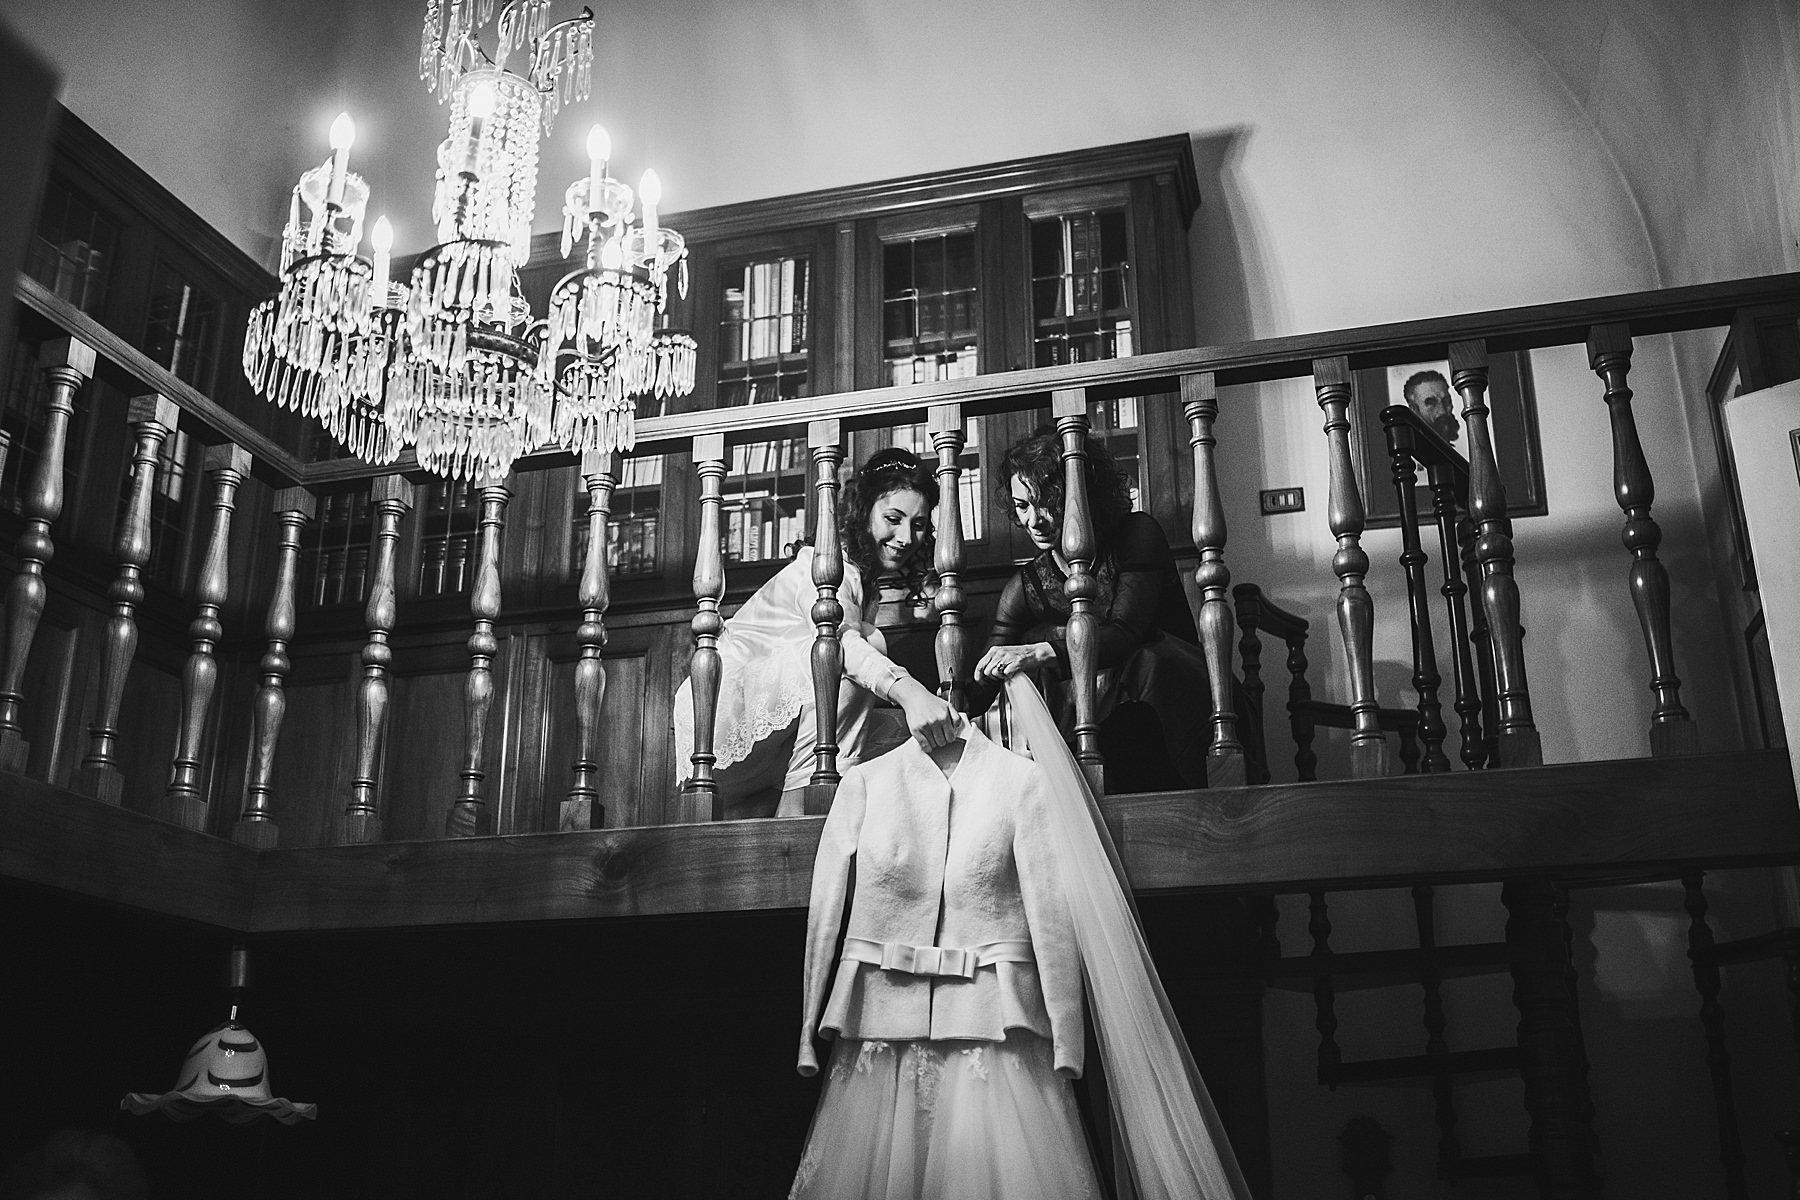 fotografia di matrimonio a firenze in inverno 715